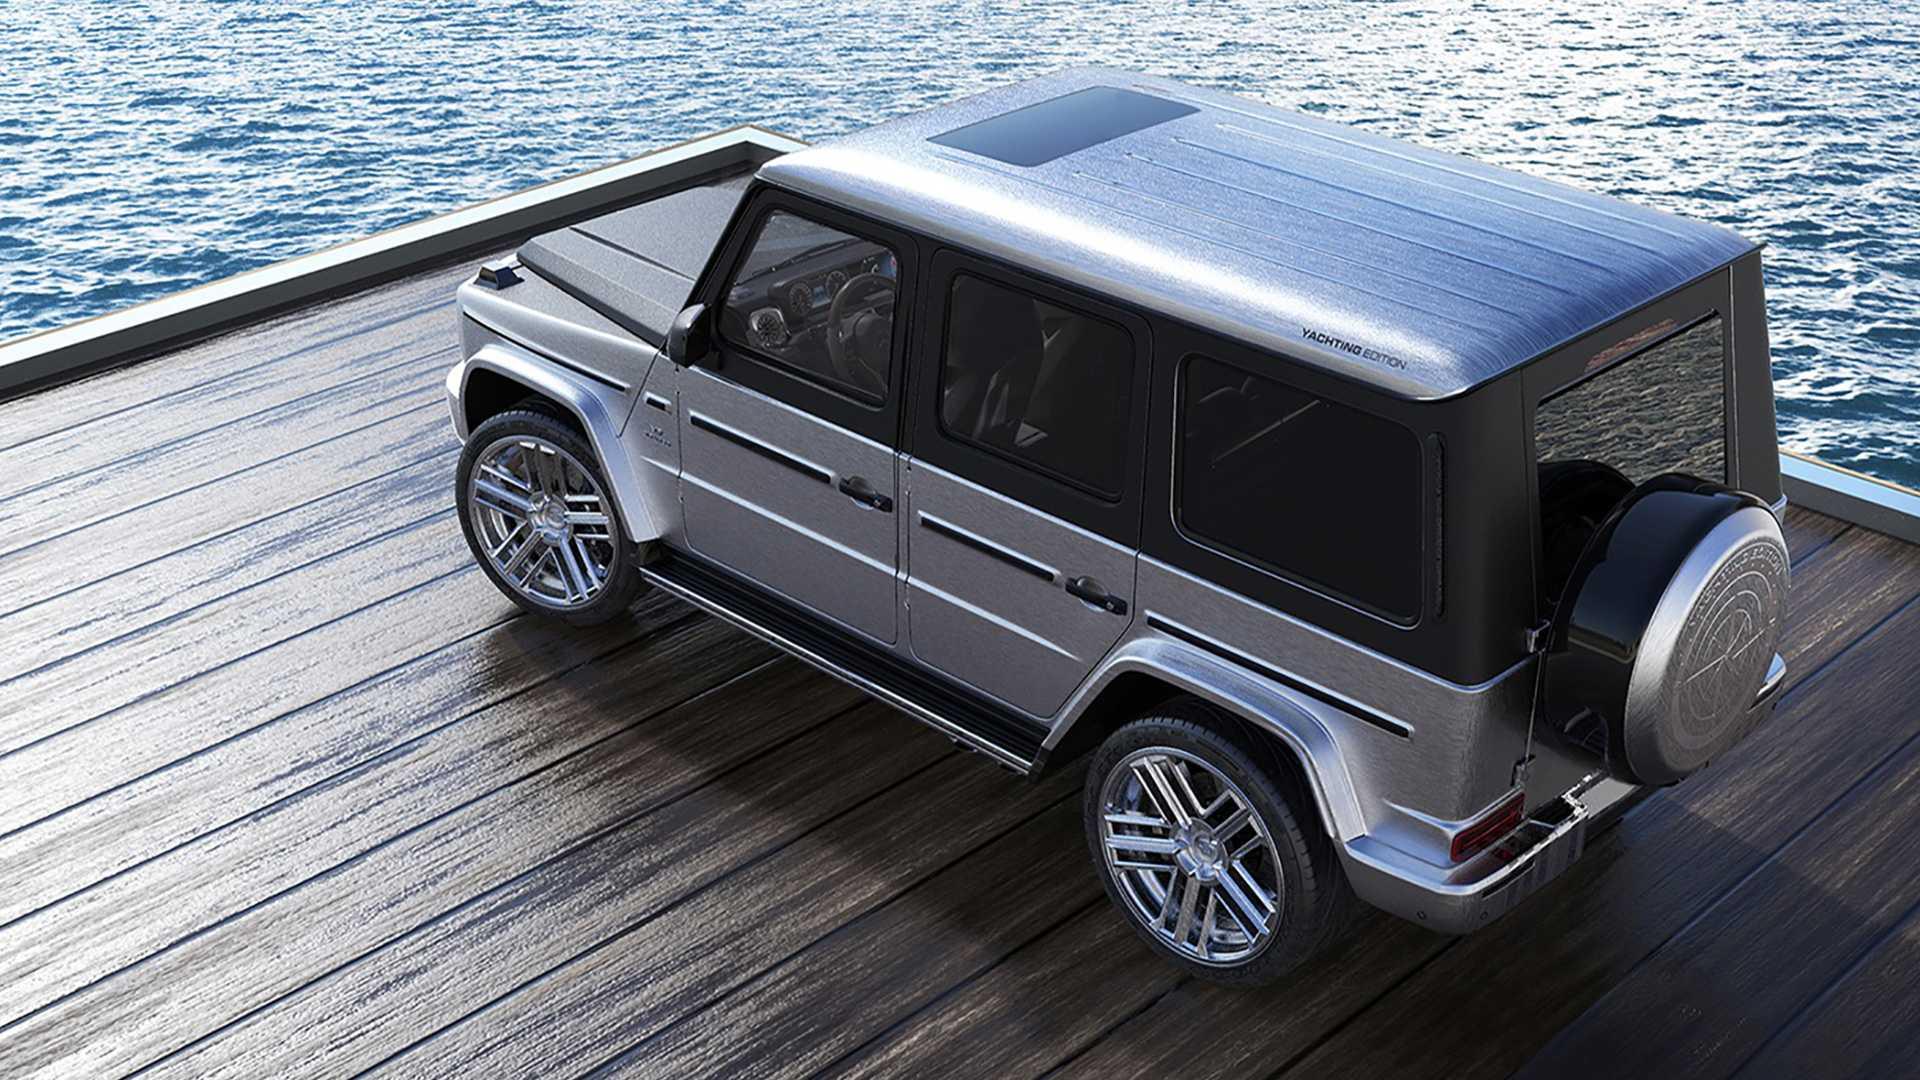 Mercedes Amg G63 Gets All Wood Interior By Carlex Design